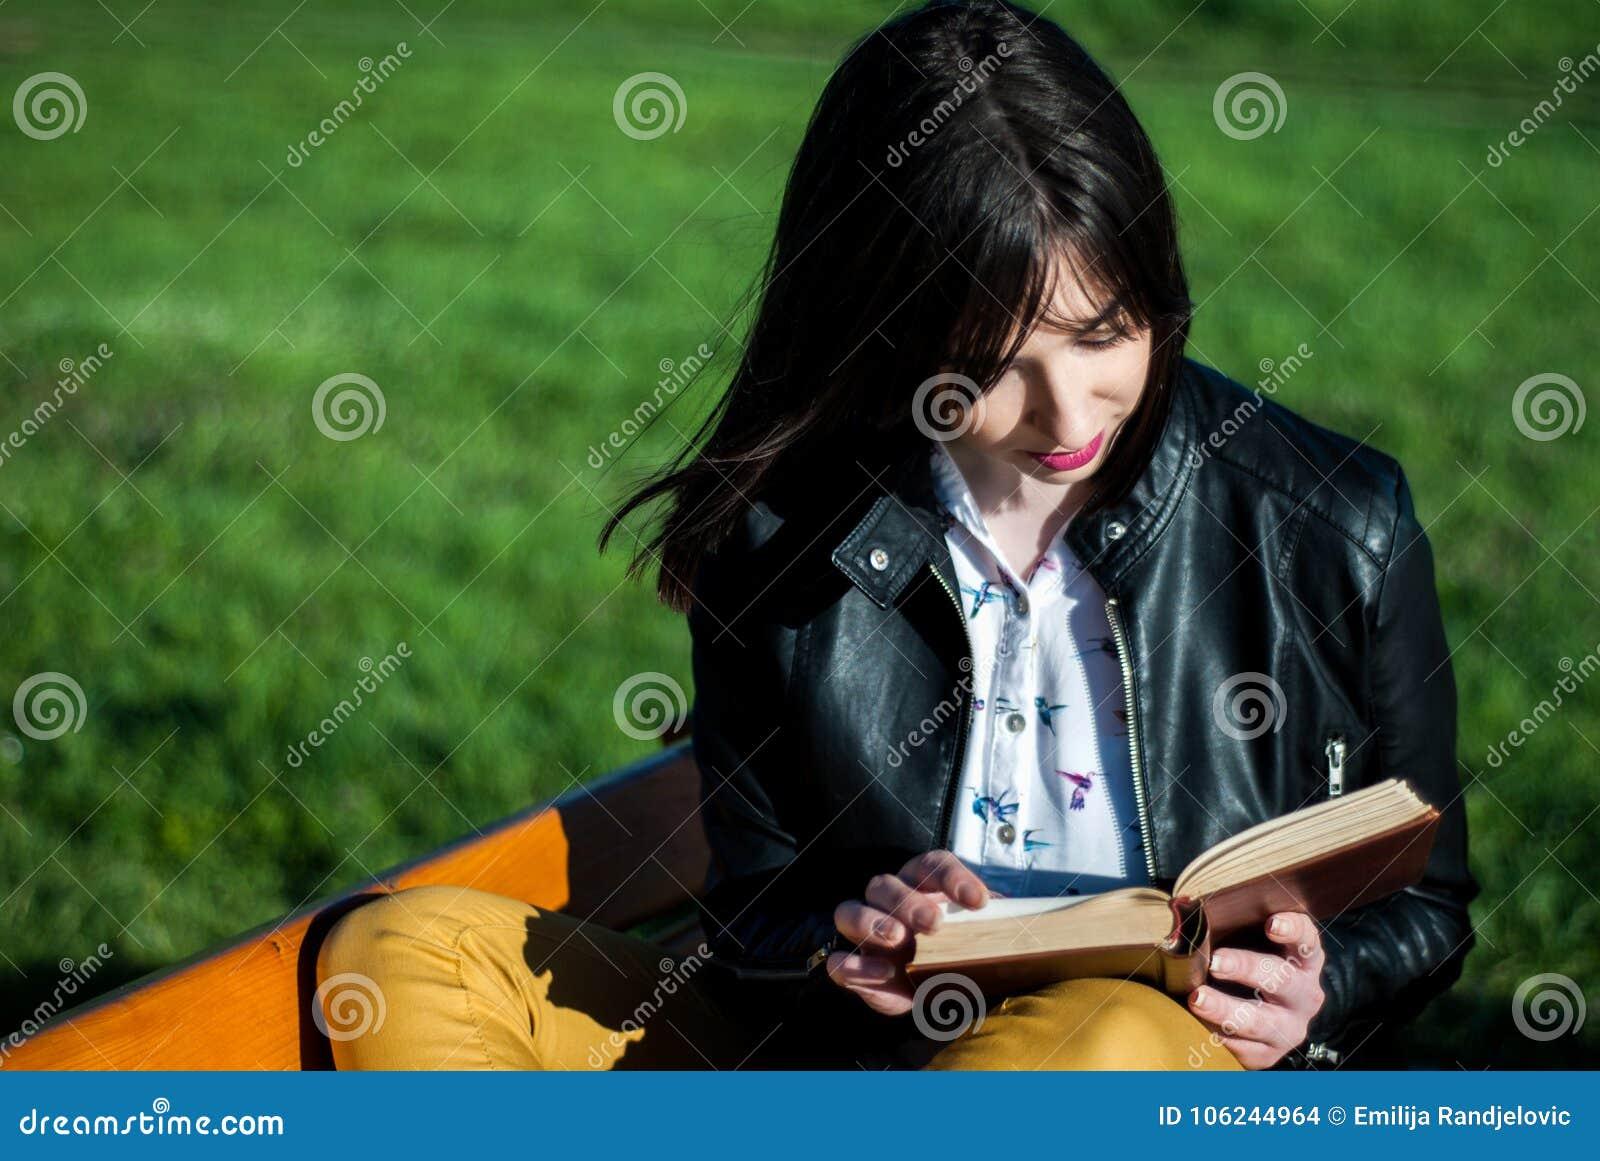 Маленькая девочка читая книгу на день весны солнечный на стенде в природе